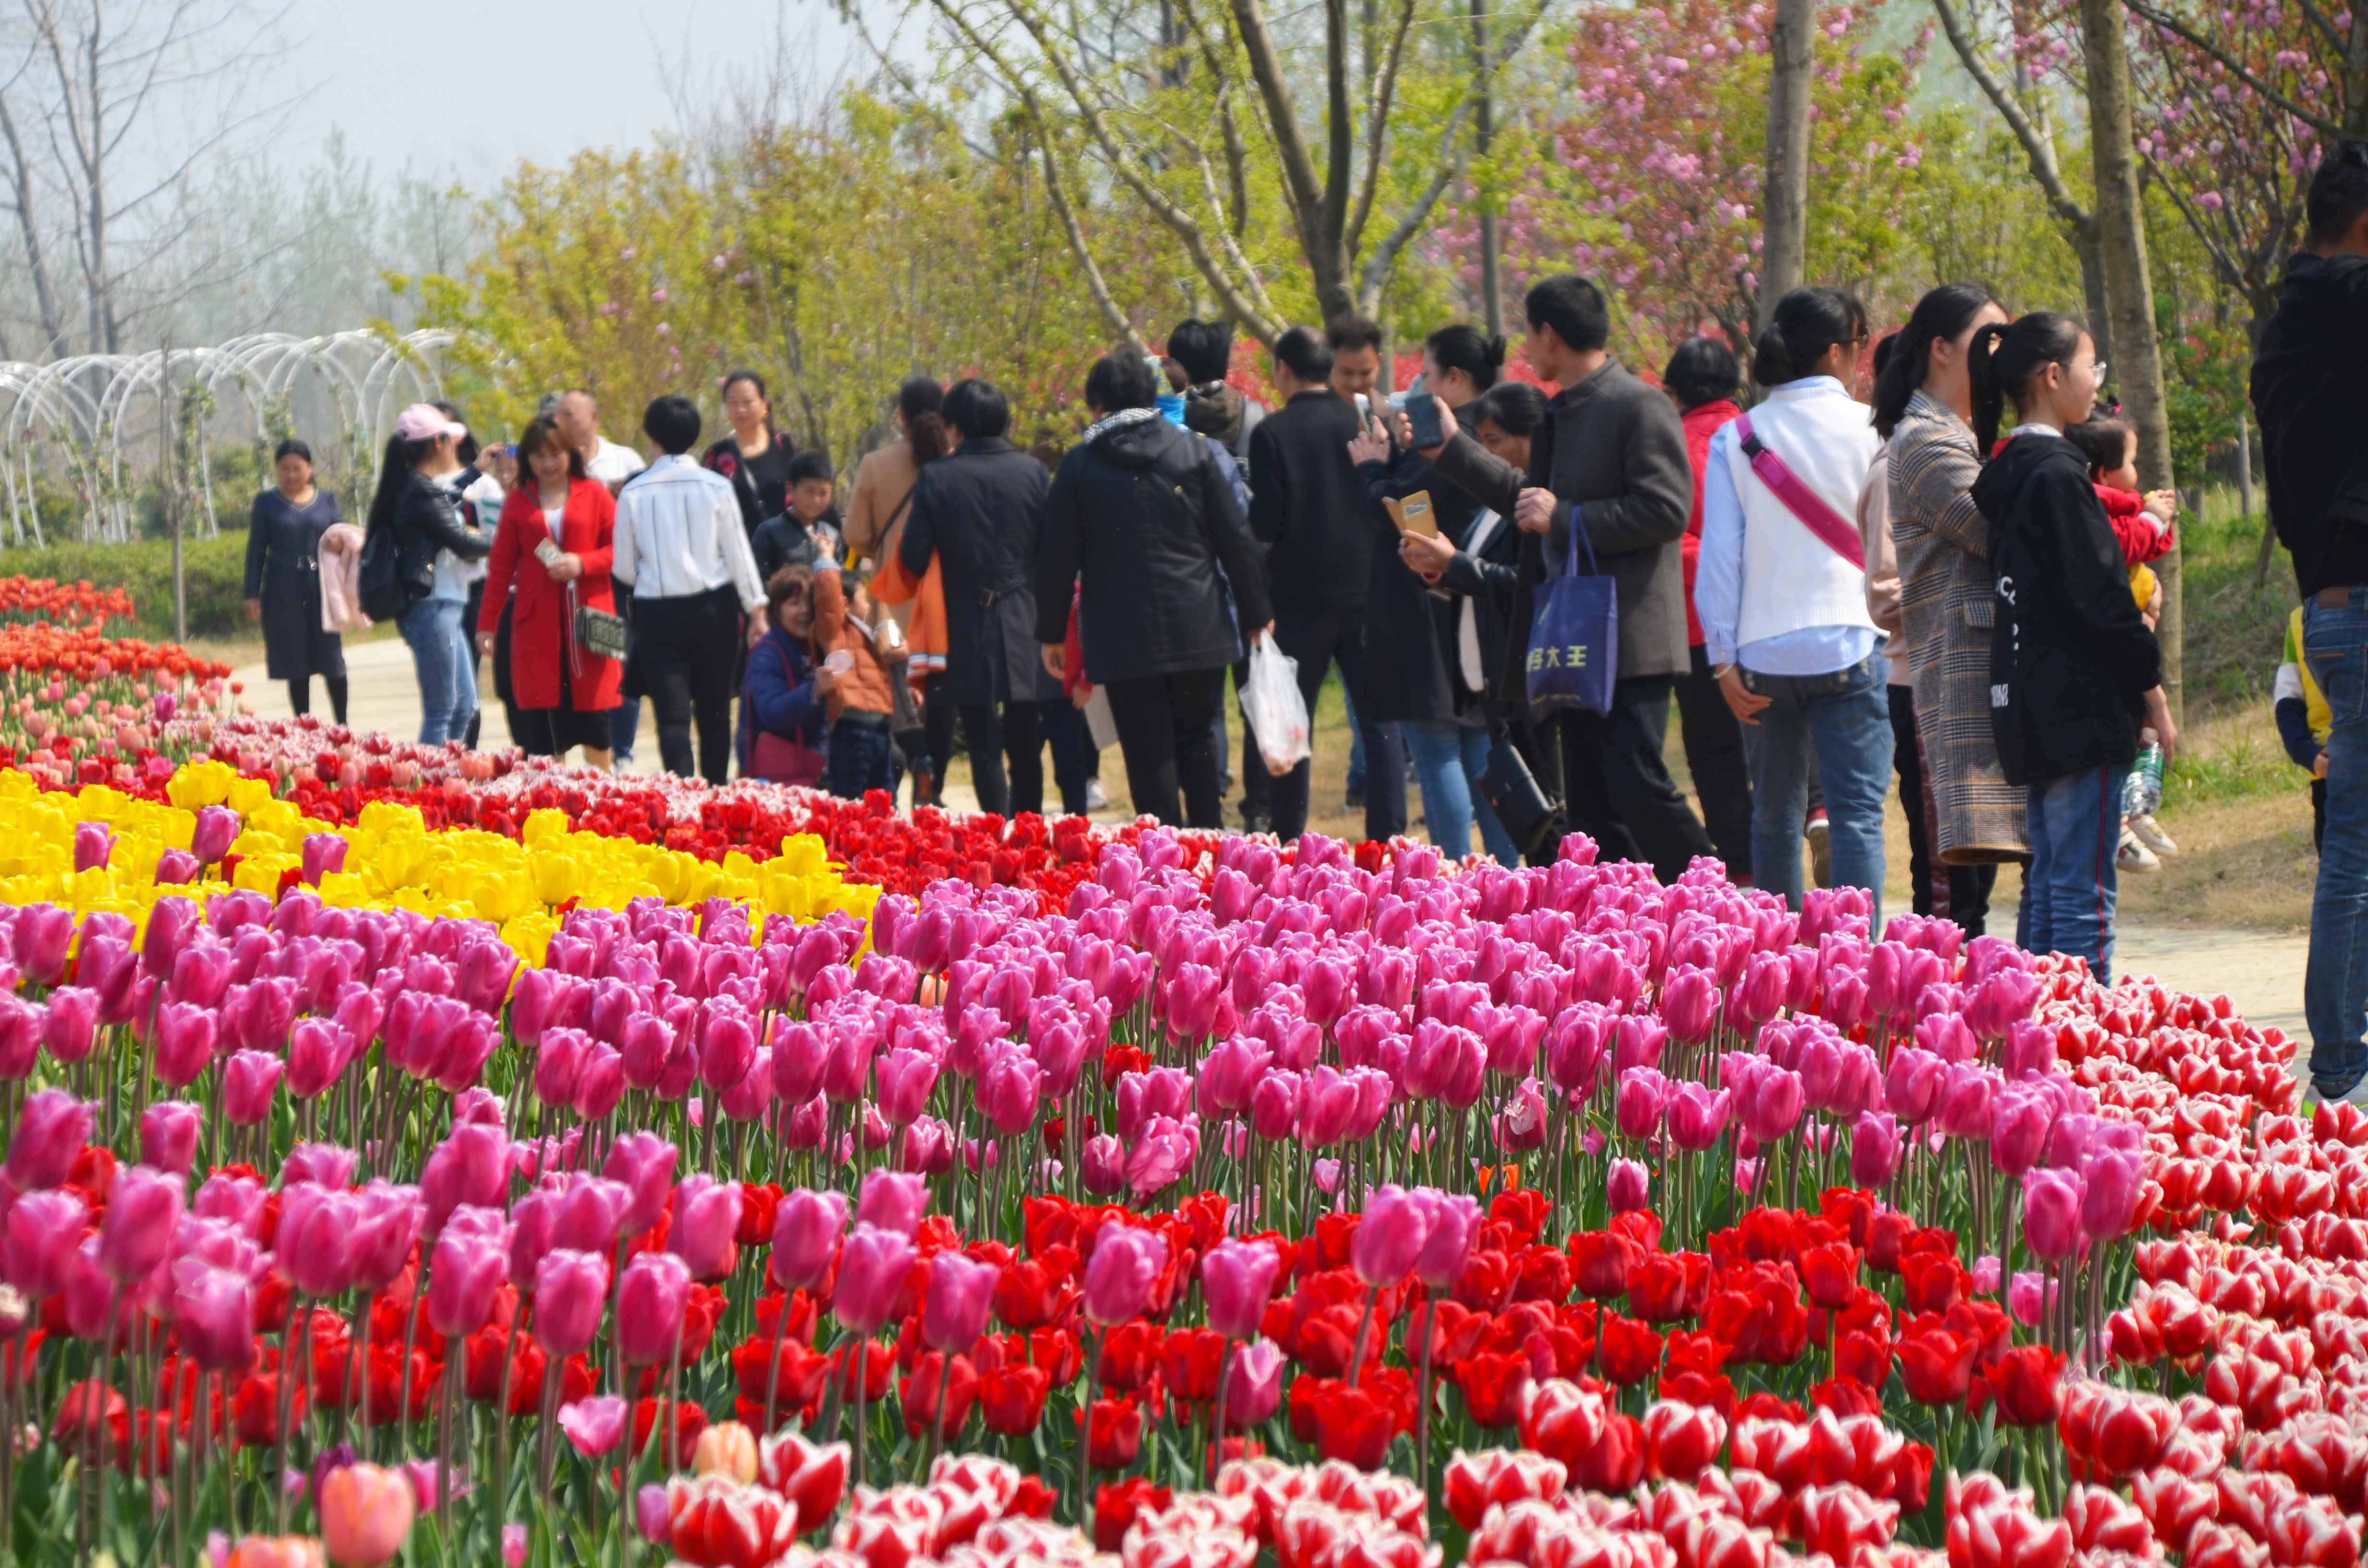 春暖花开清明小长假洪泽湖湿地旅游人数持续攀升迎来游客高峰